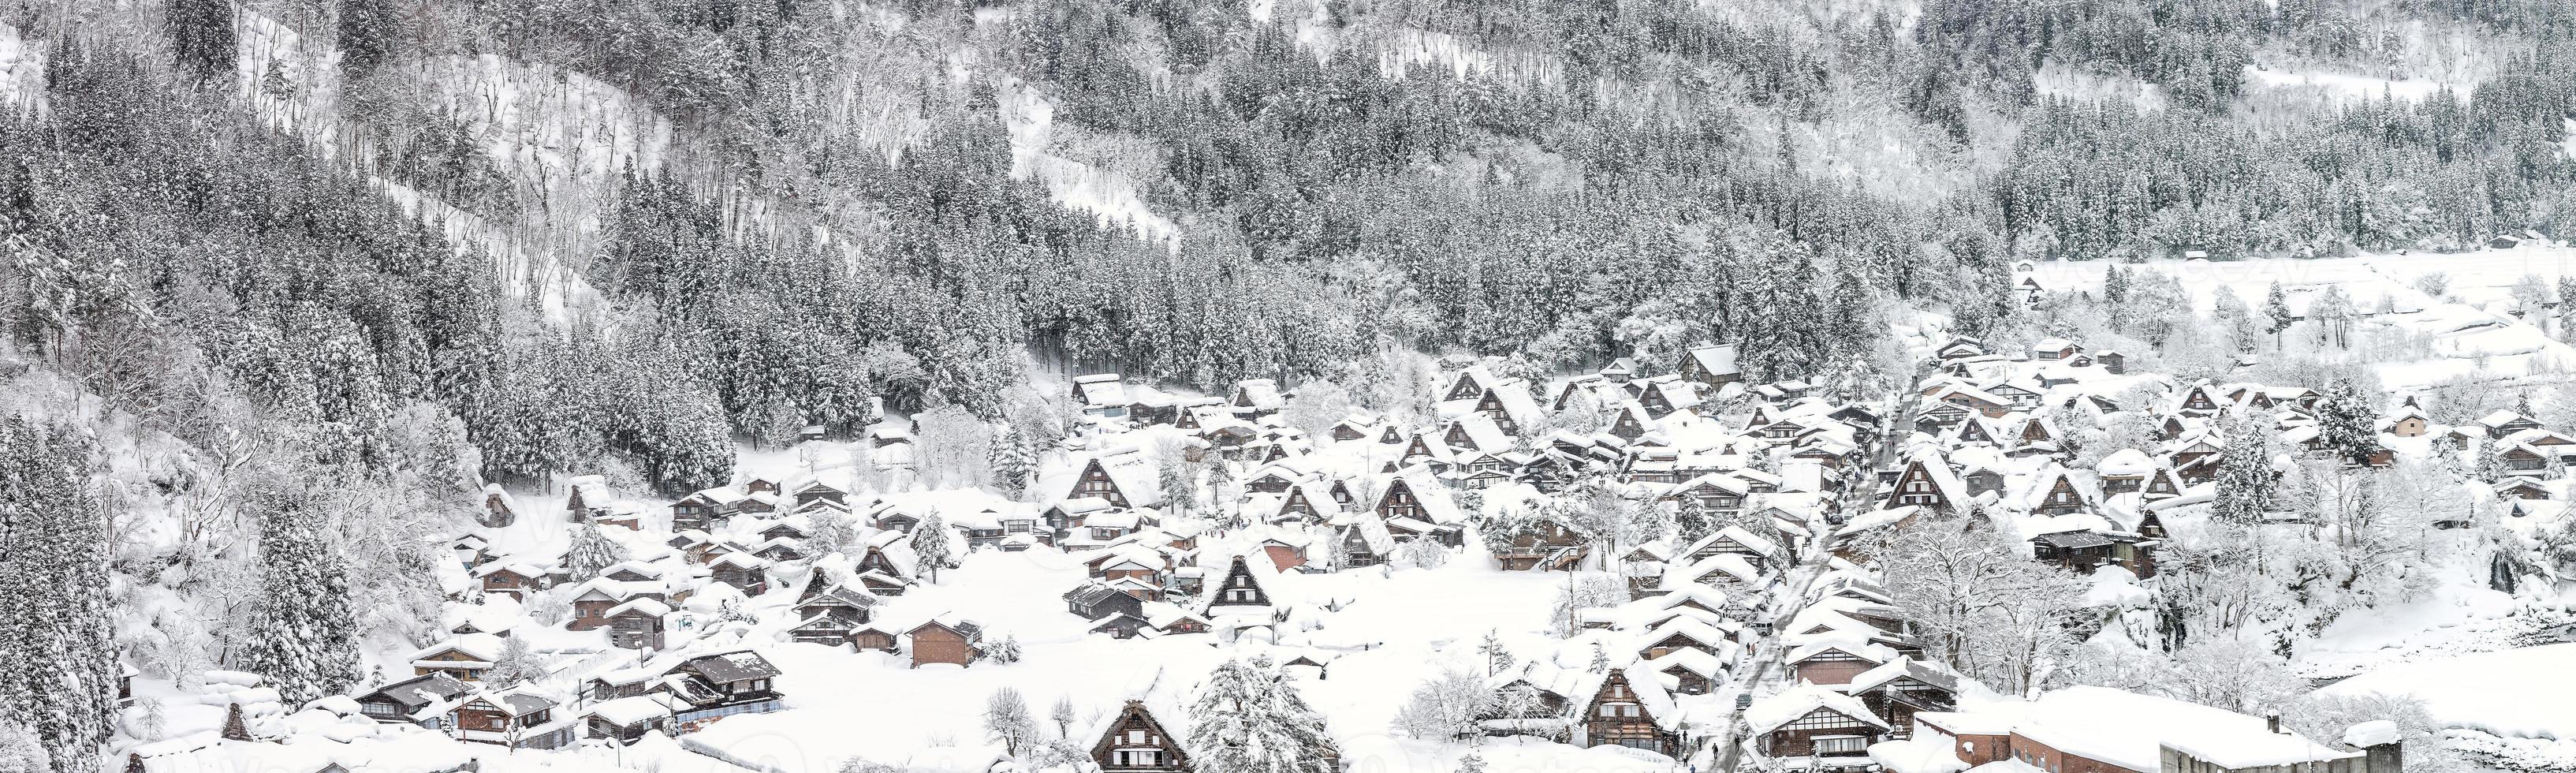 Winter Shirakawago foto